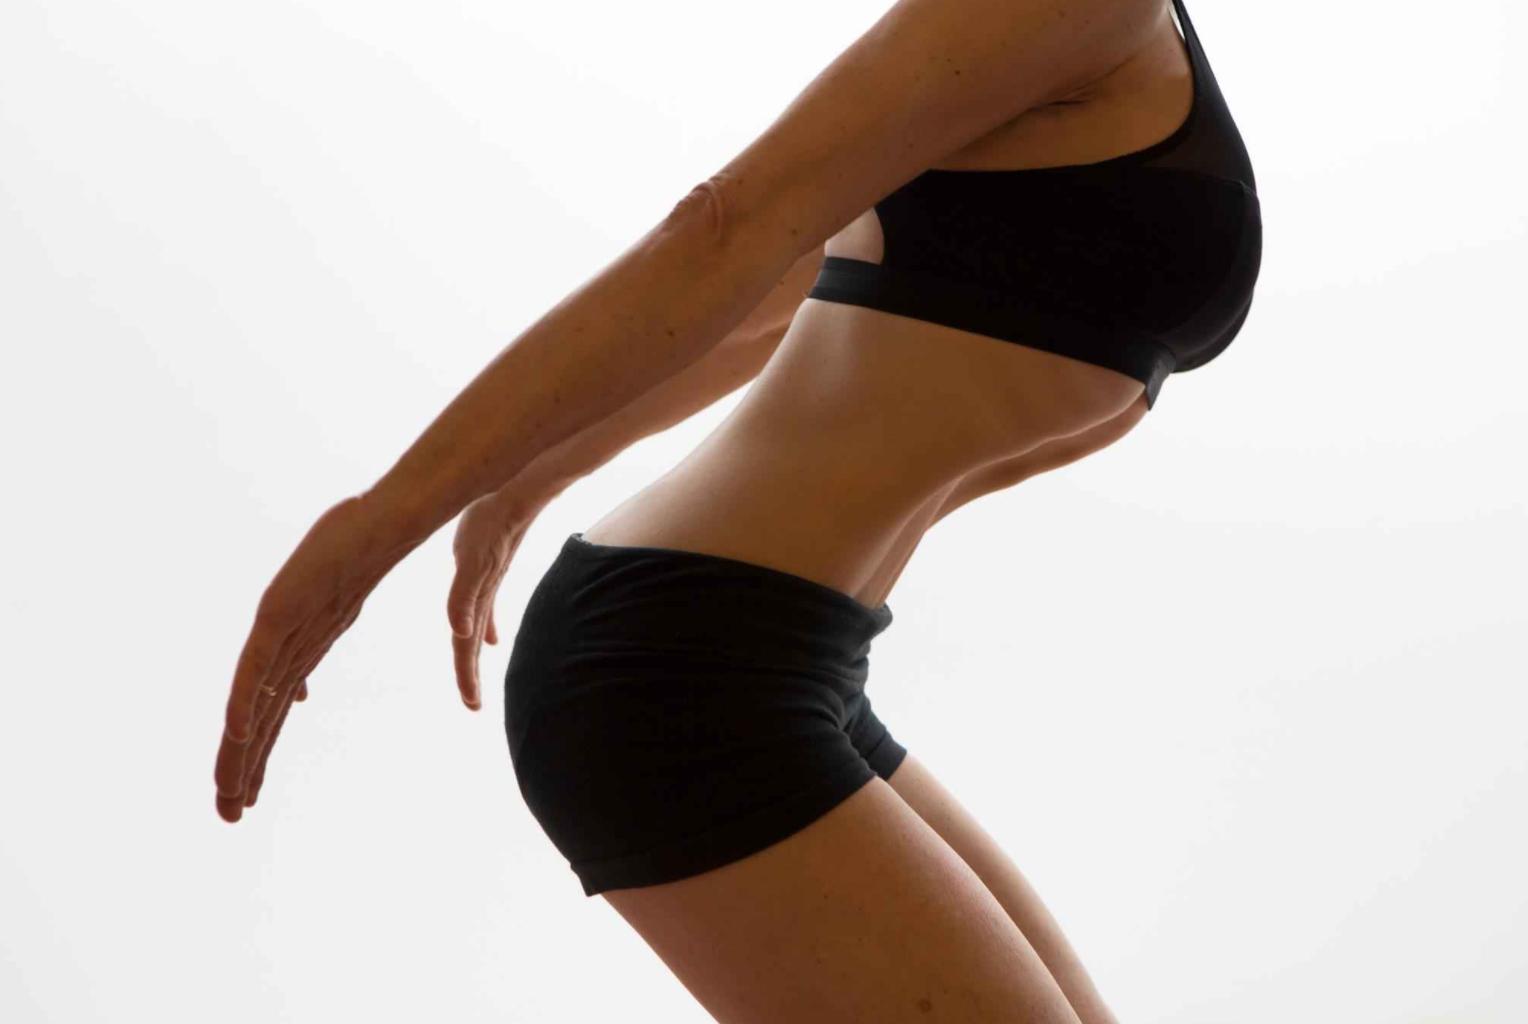 Abdominales hipopresivos ¿Solo una moda o necesidad real?